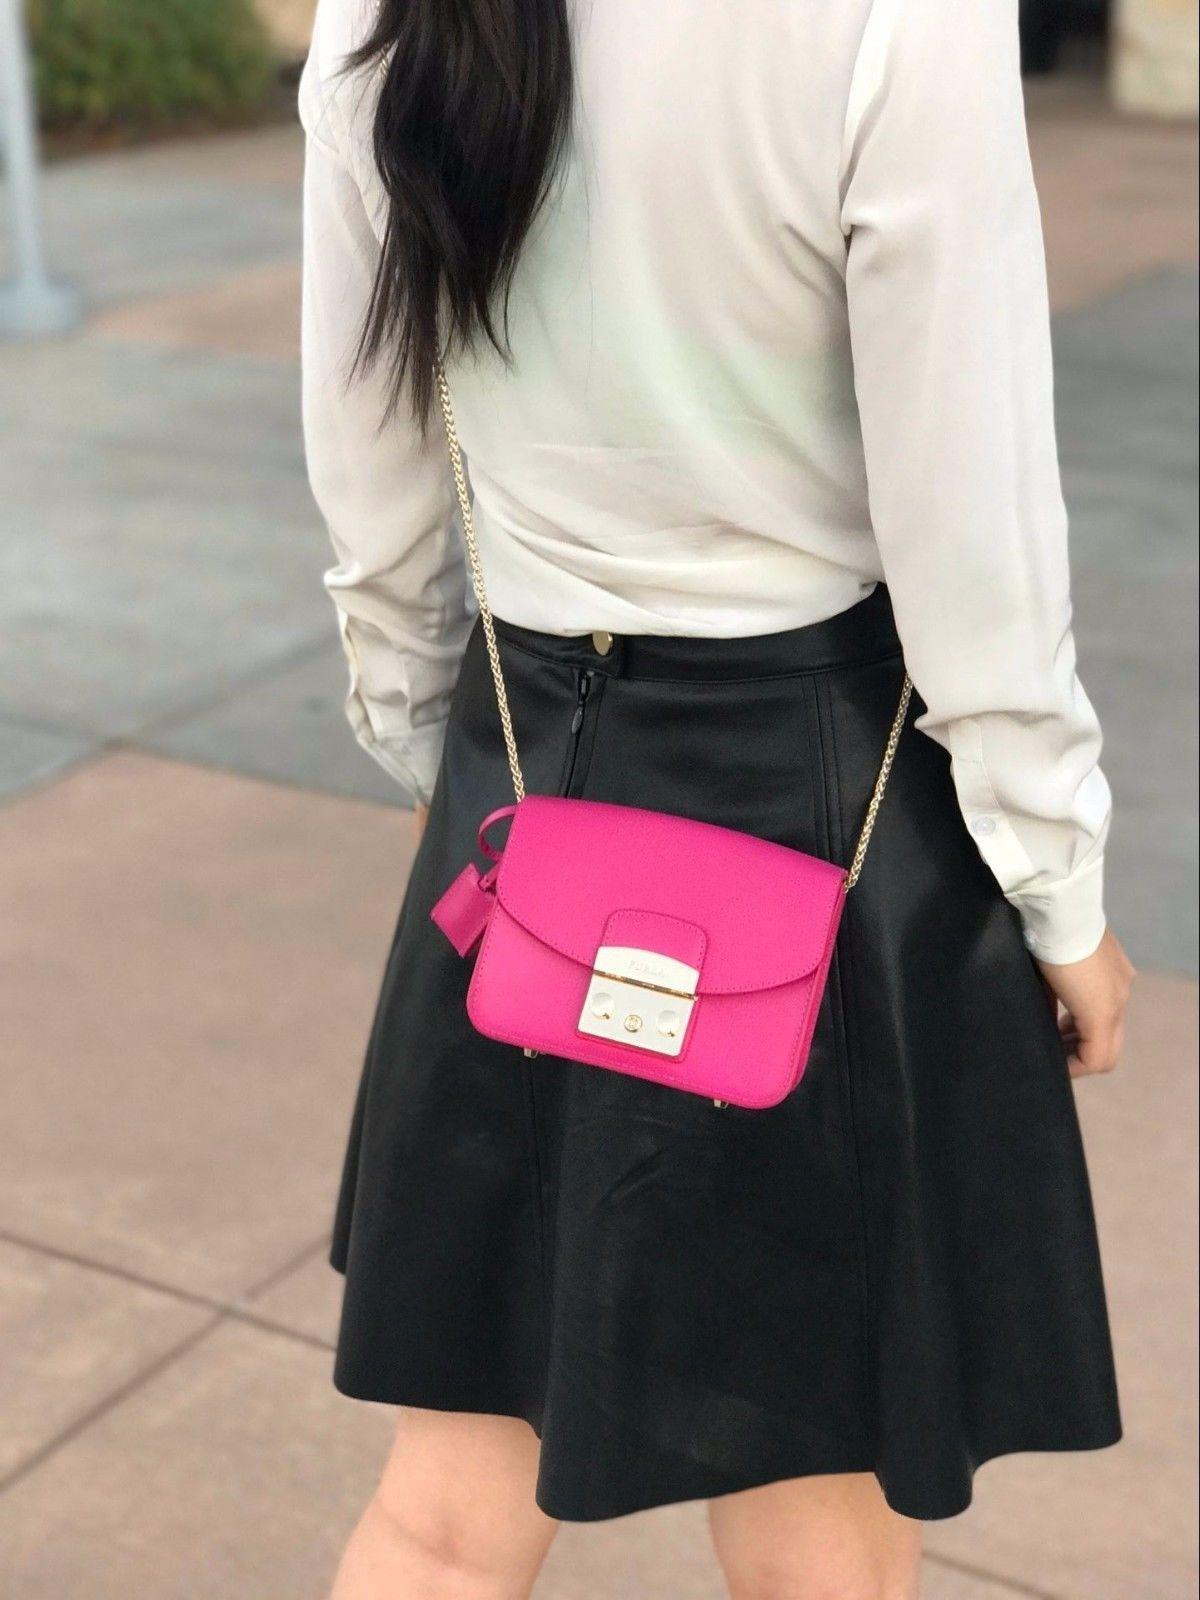 48805a8367a S l1600. S l1600. Furla Saffiano Leather Baby Julia Fuchsia Cross Body Bag  Gloss. Furla Saffiano Leather ...